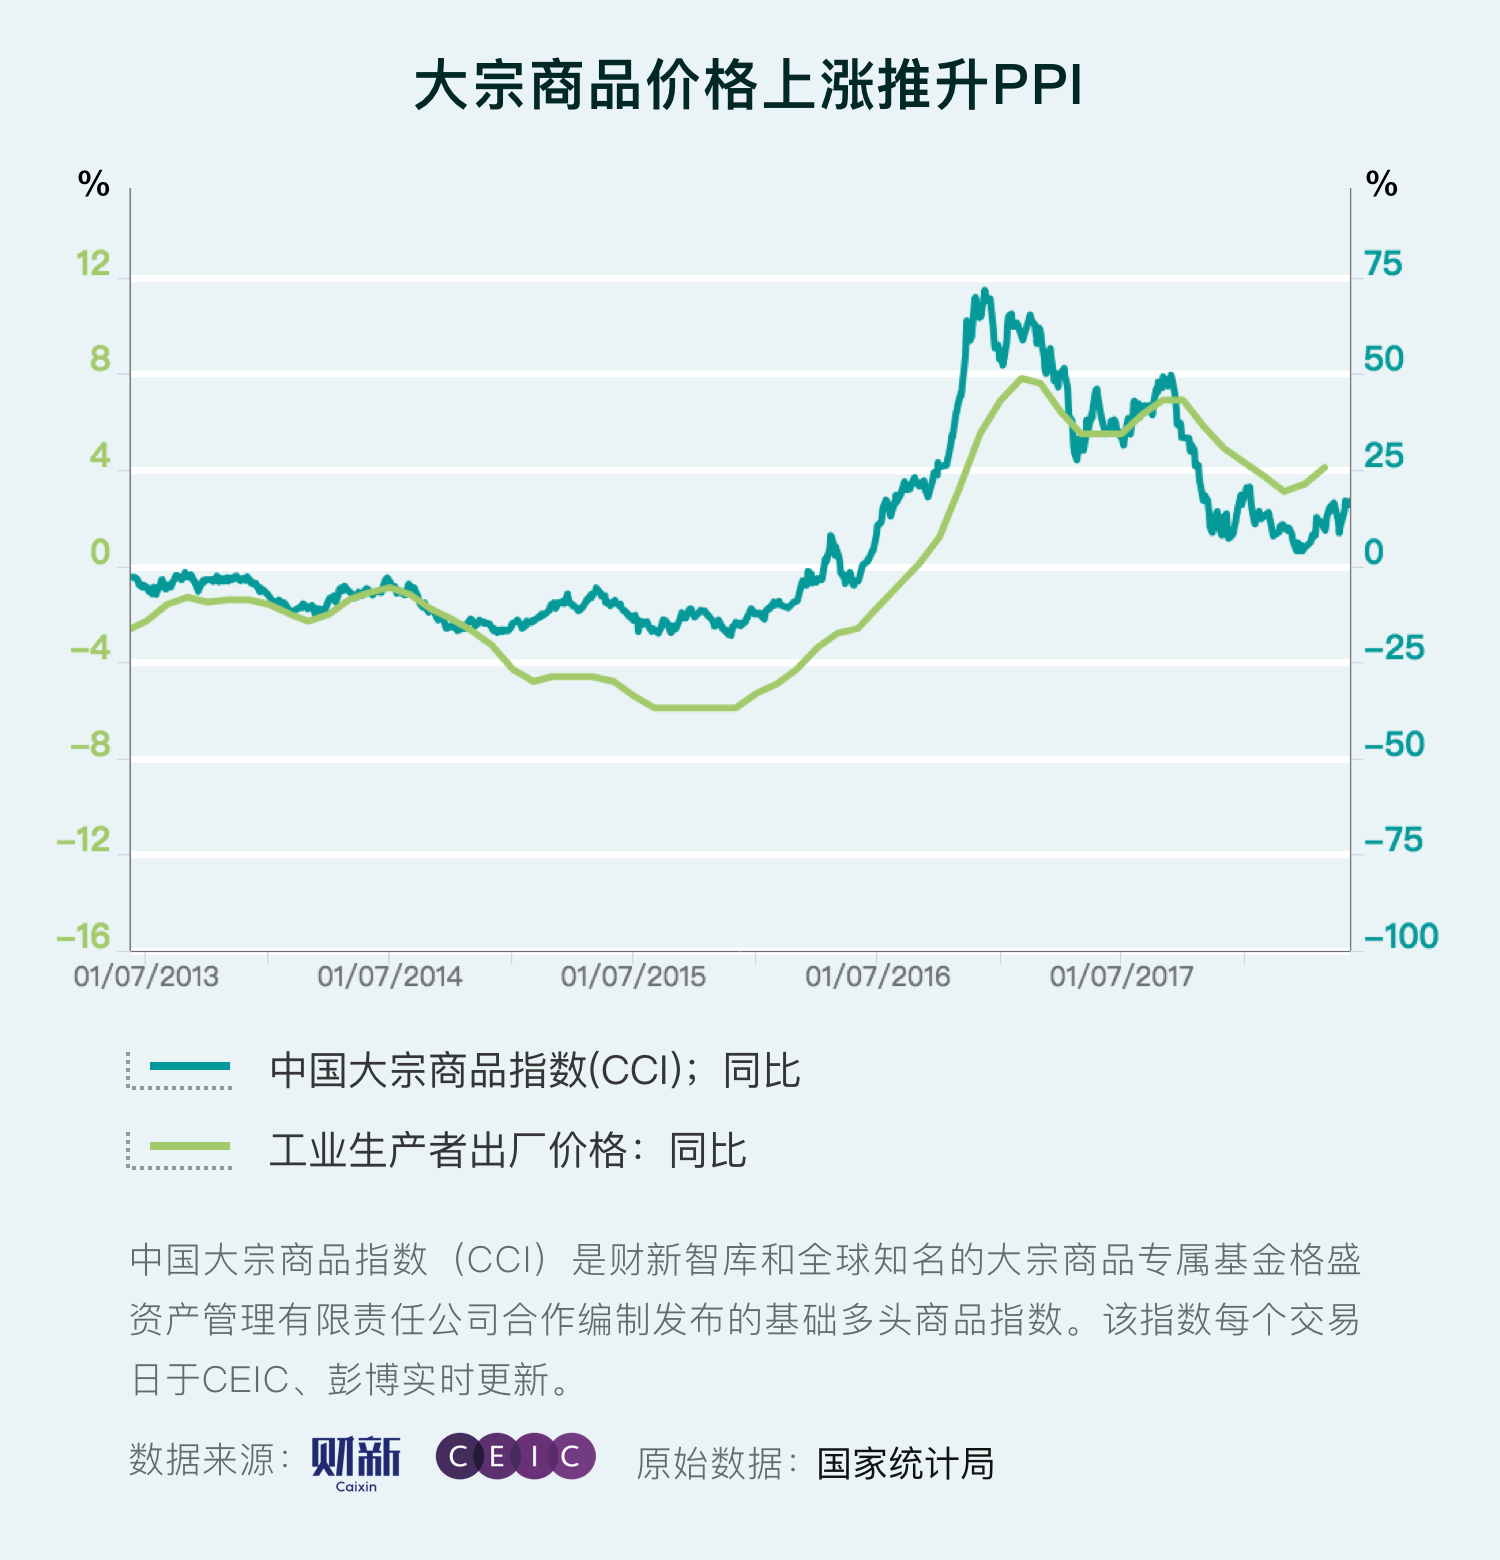 大宗商品价格上涨推升PPI